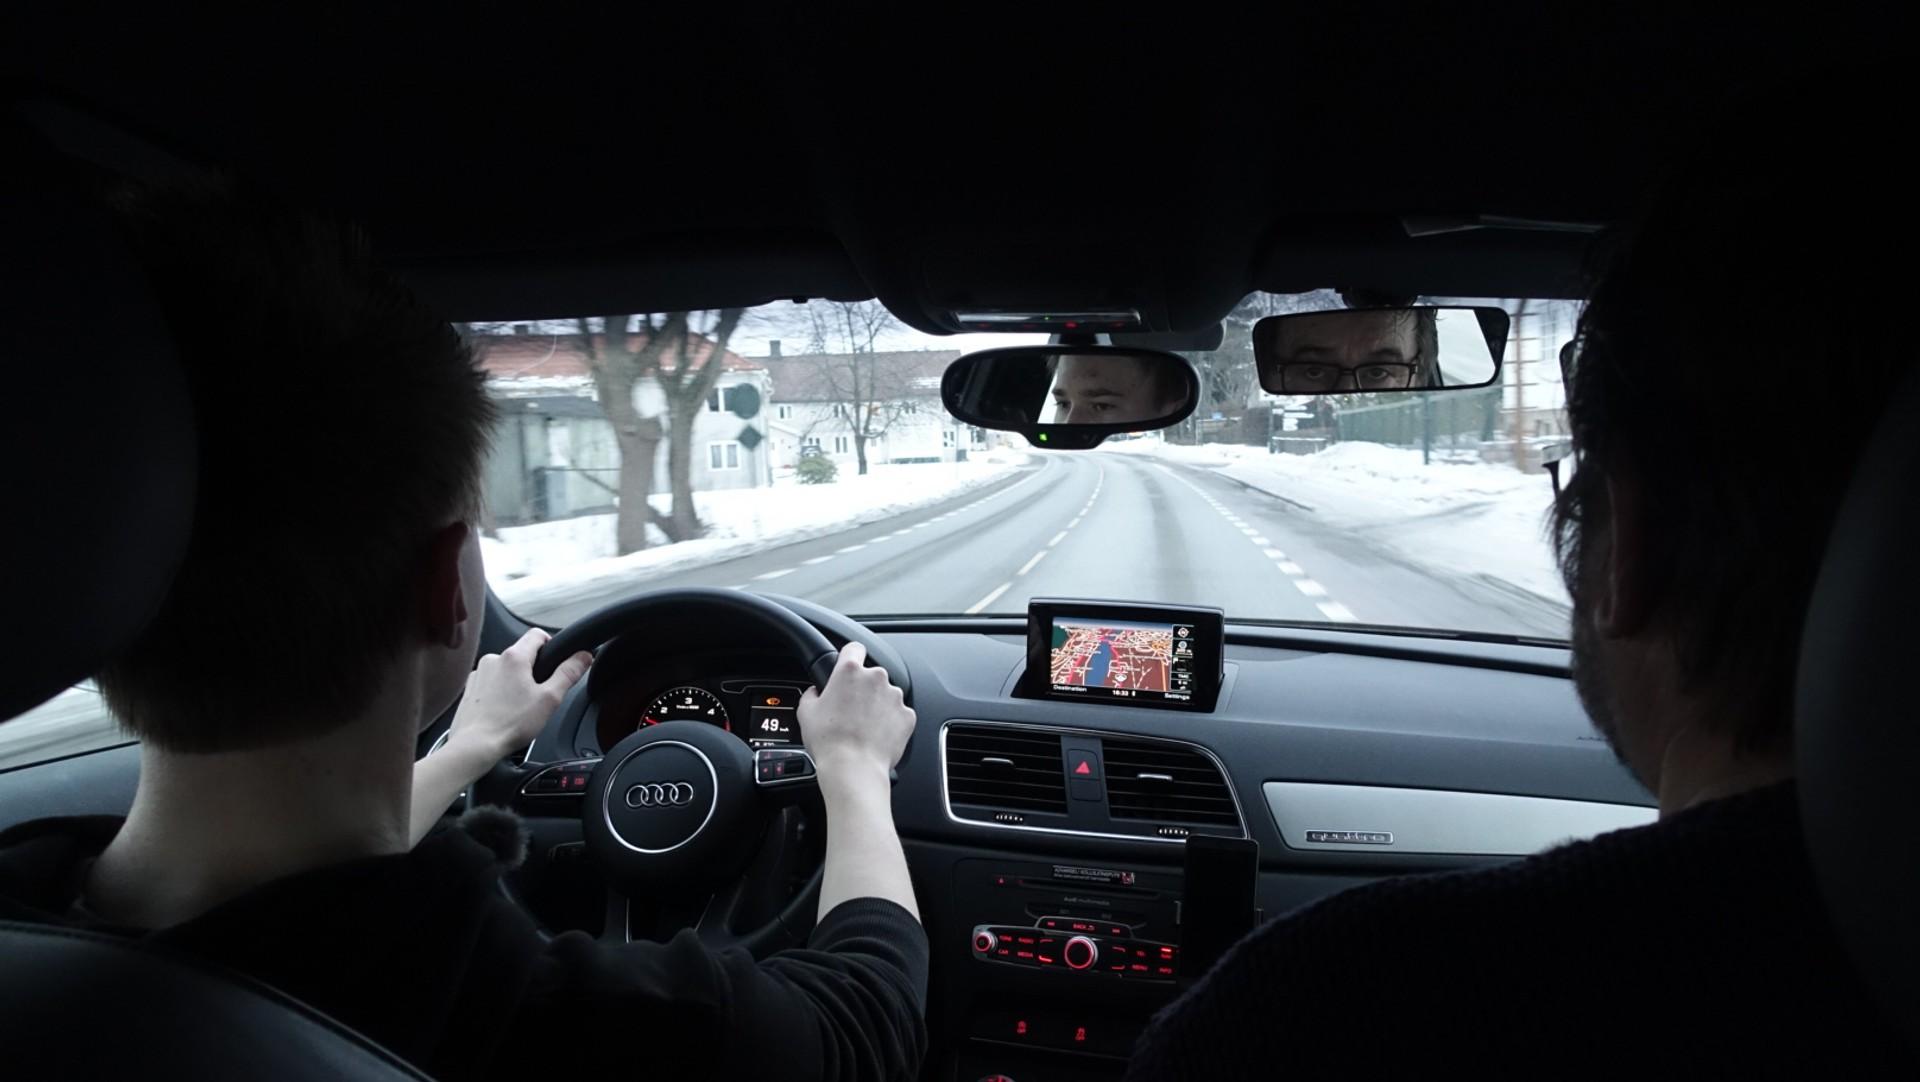 vegvesen øvelseskjøring